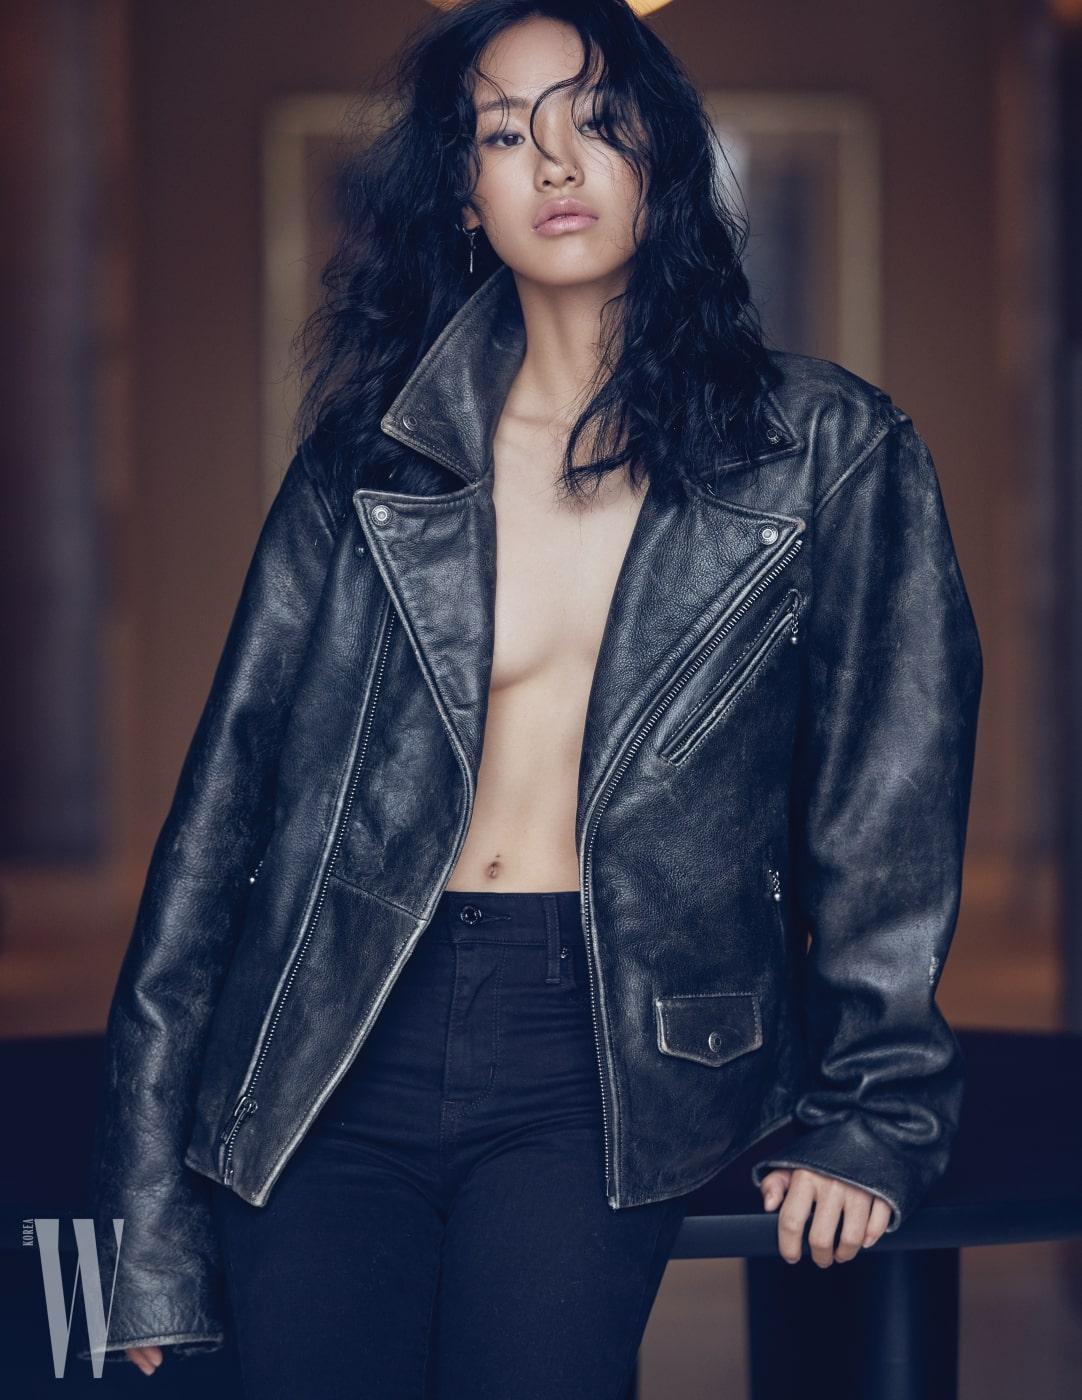 여자 우승자 김별이 입은 빈티지한 느낌의 남성용 레더 재킷과 721 스키니 진은 Levi's 제품.